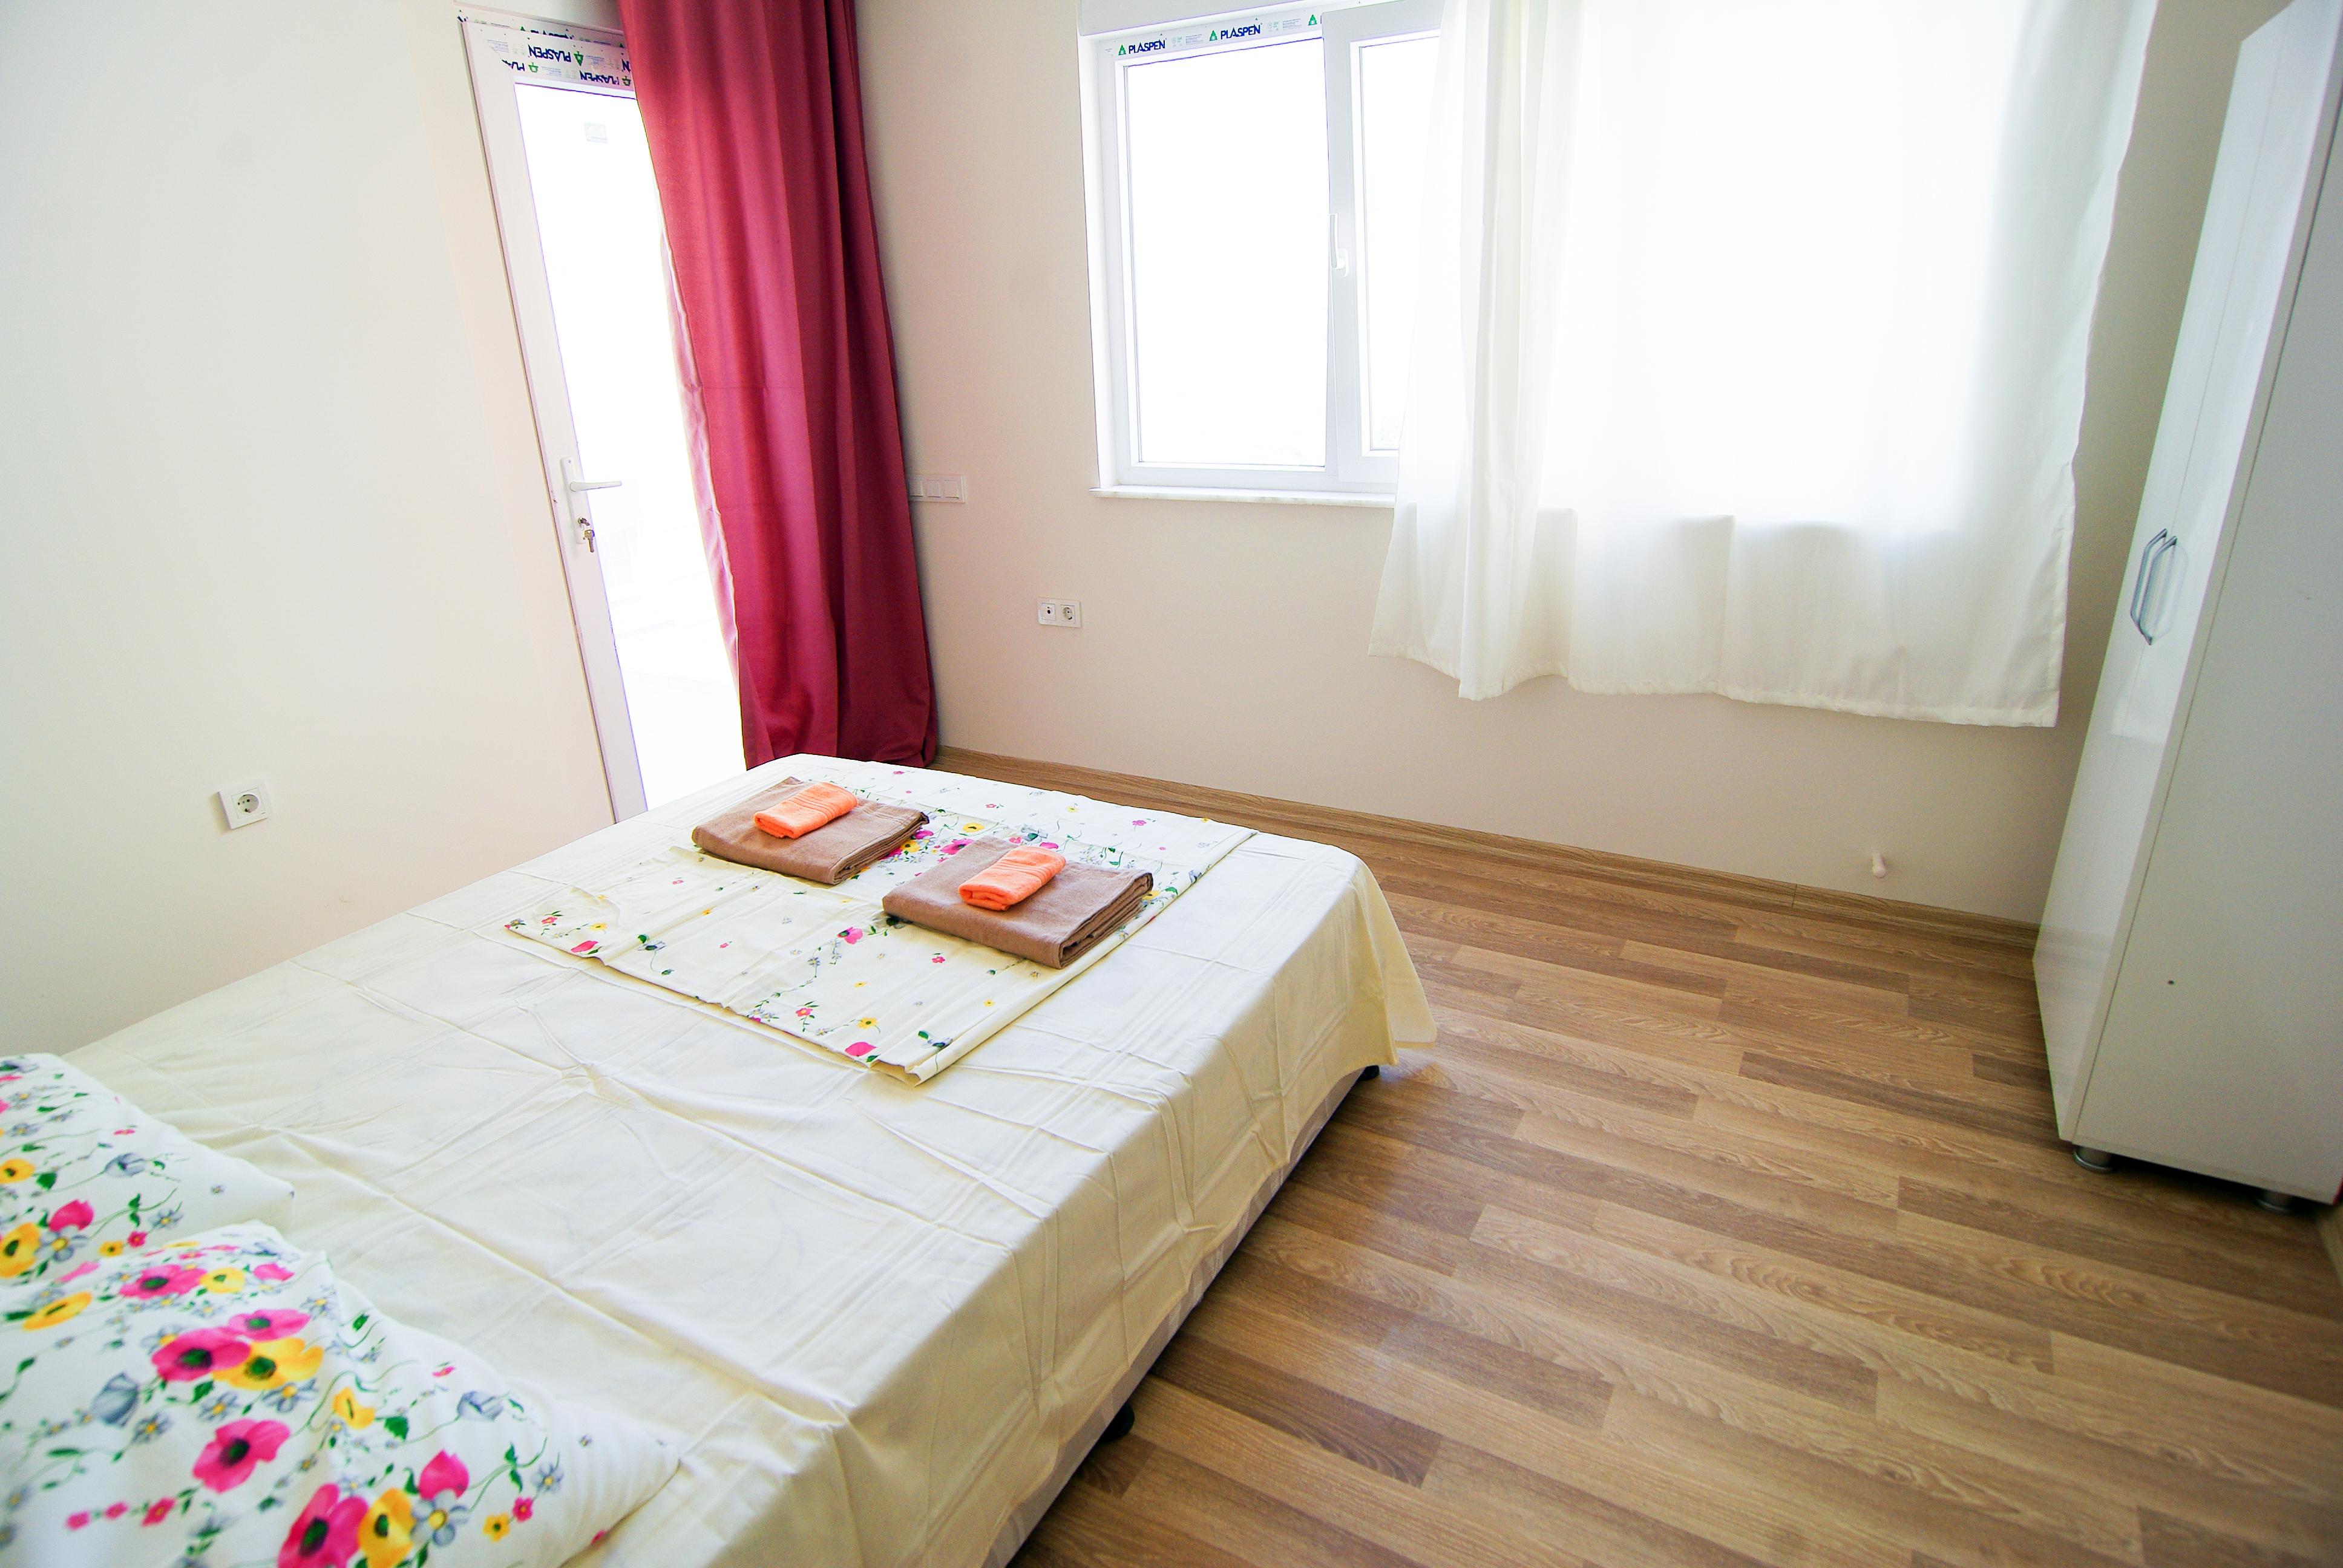 Ferienwohnung Gerumige 2 Schlafzimmer fr bis zu 5 mit Blick auf die Berge Gratis Wifi (2782158), Çakirlar, , Mittelmeerregion, Türkei, Bild 11